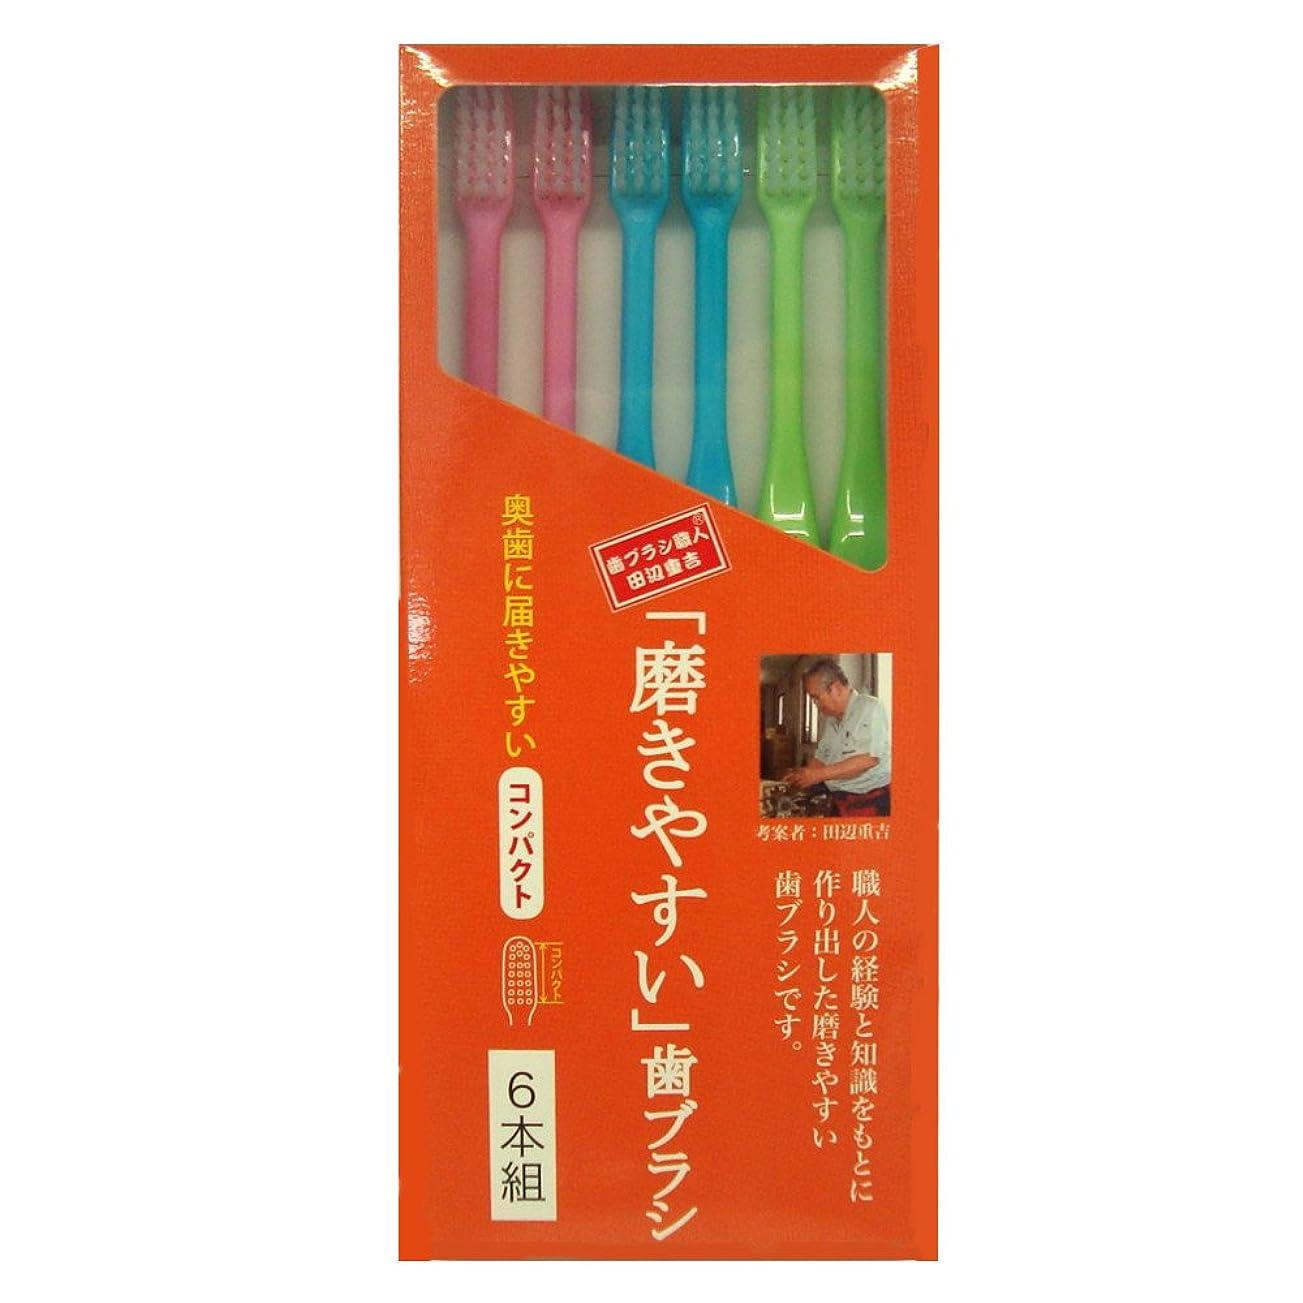 肺東部オープニング磨きやすい歯ブラシ 6本組 コンパクトタイプ